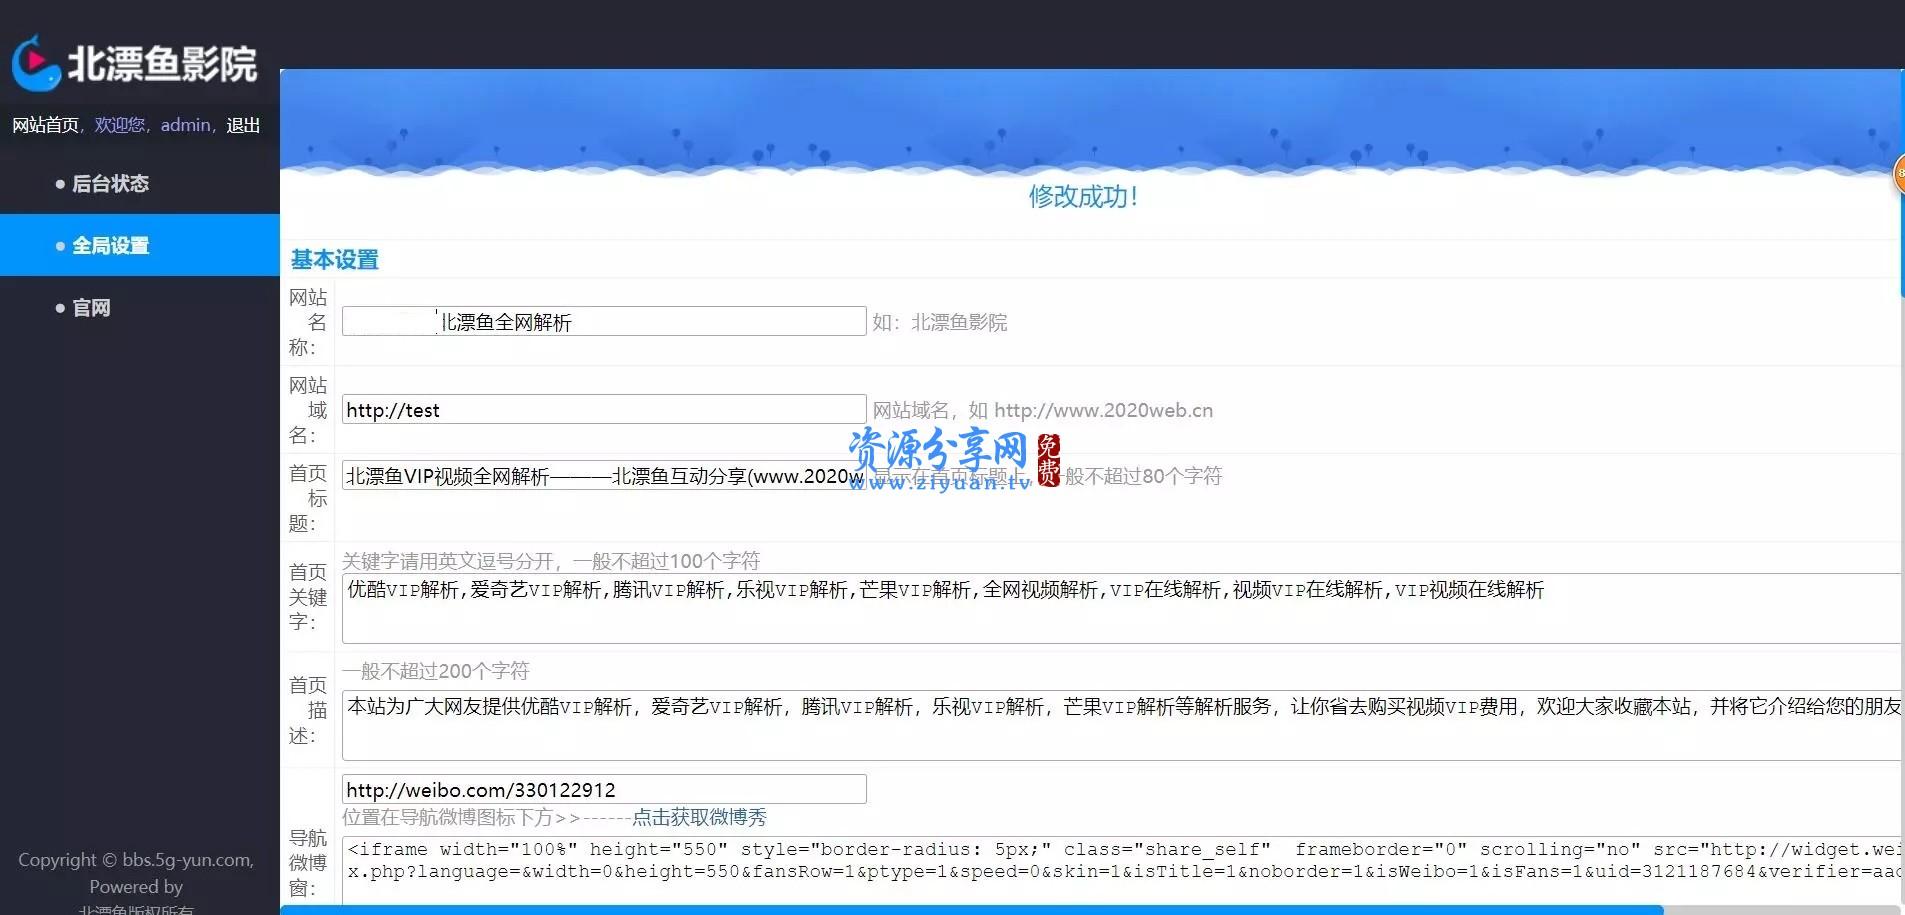 北漂鱼 vip 视频解析网站源码